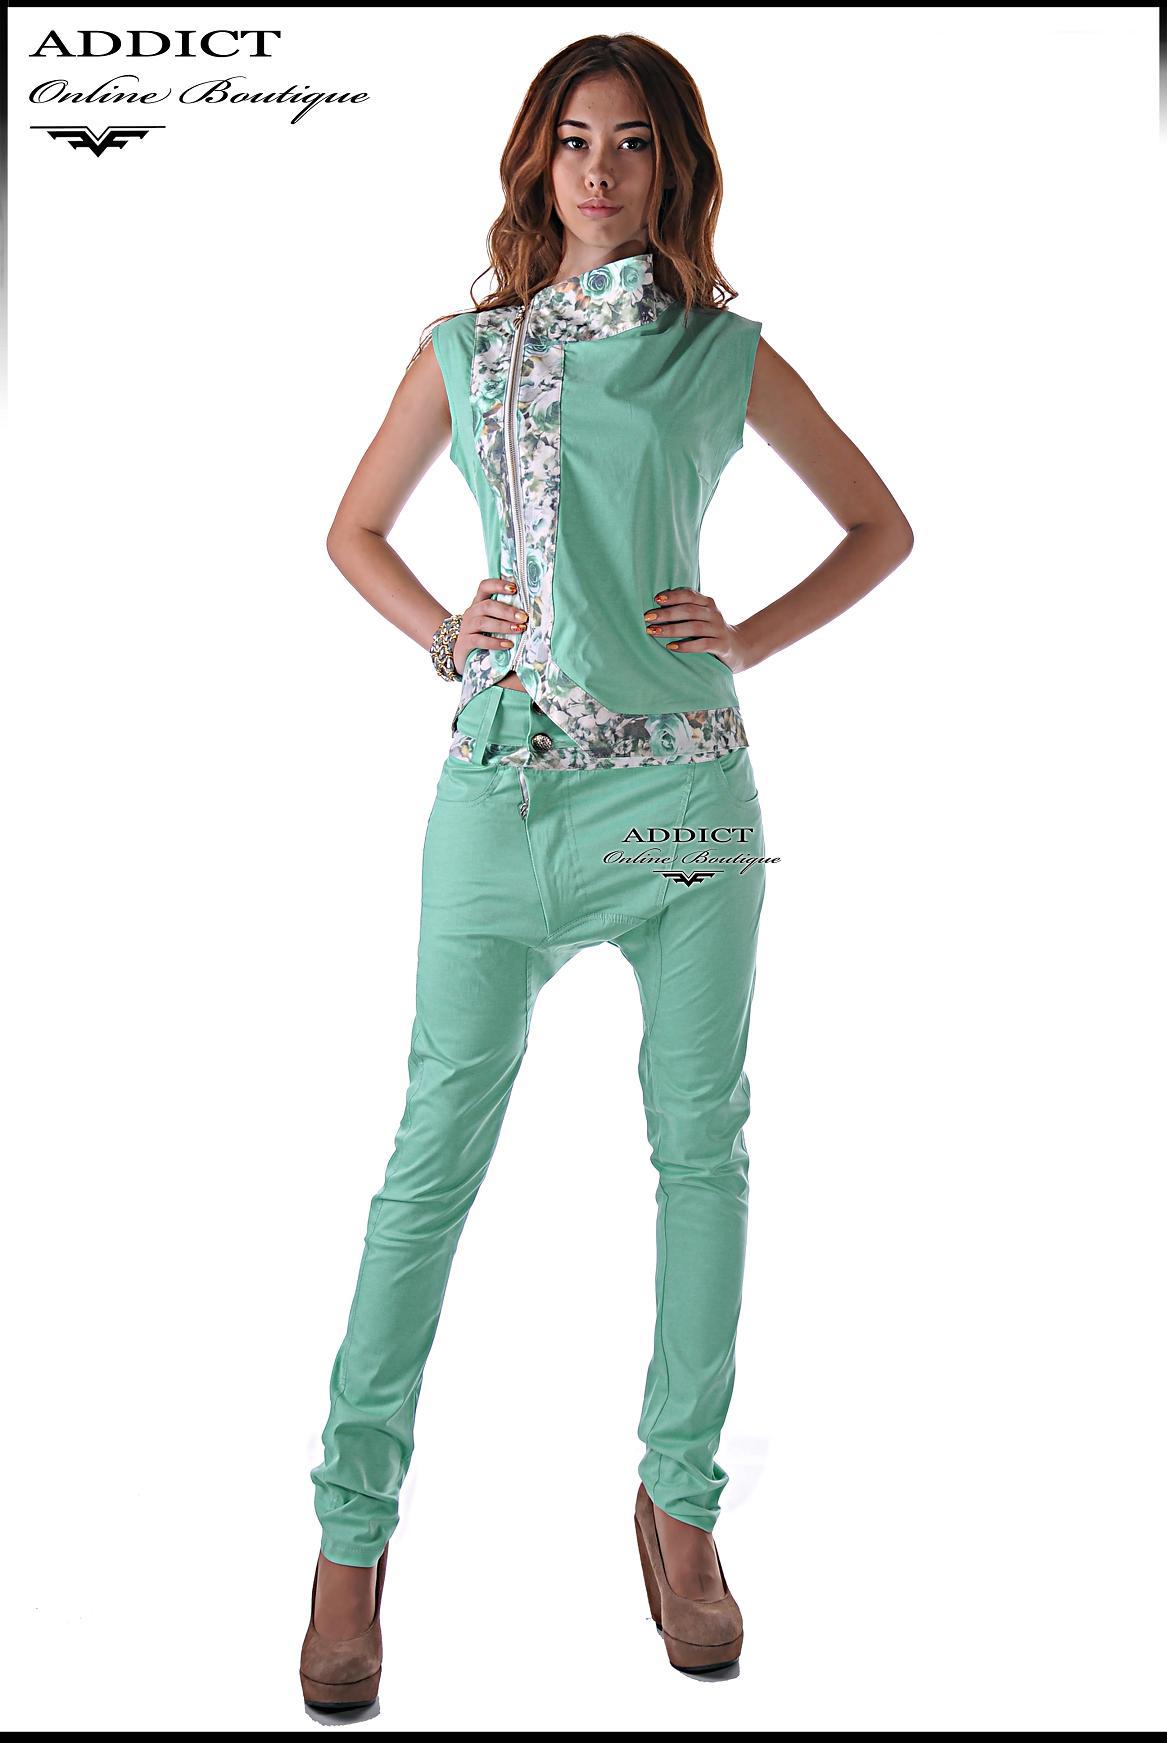 спортен комплект цвят мента панталон и елек адикт бутик